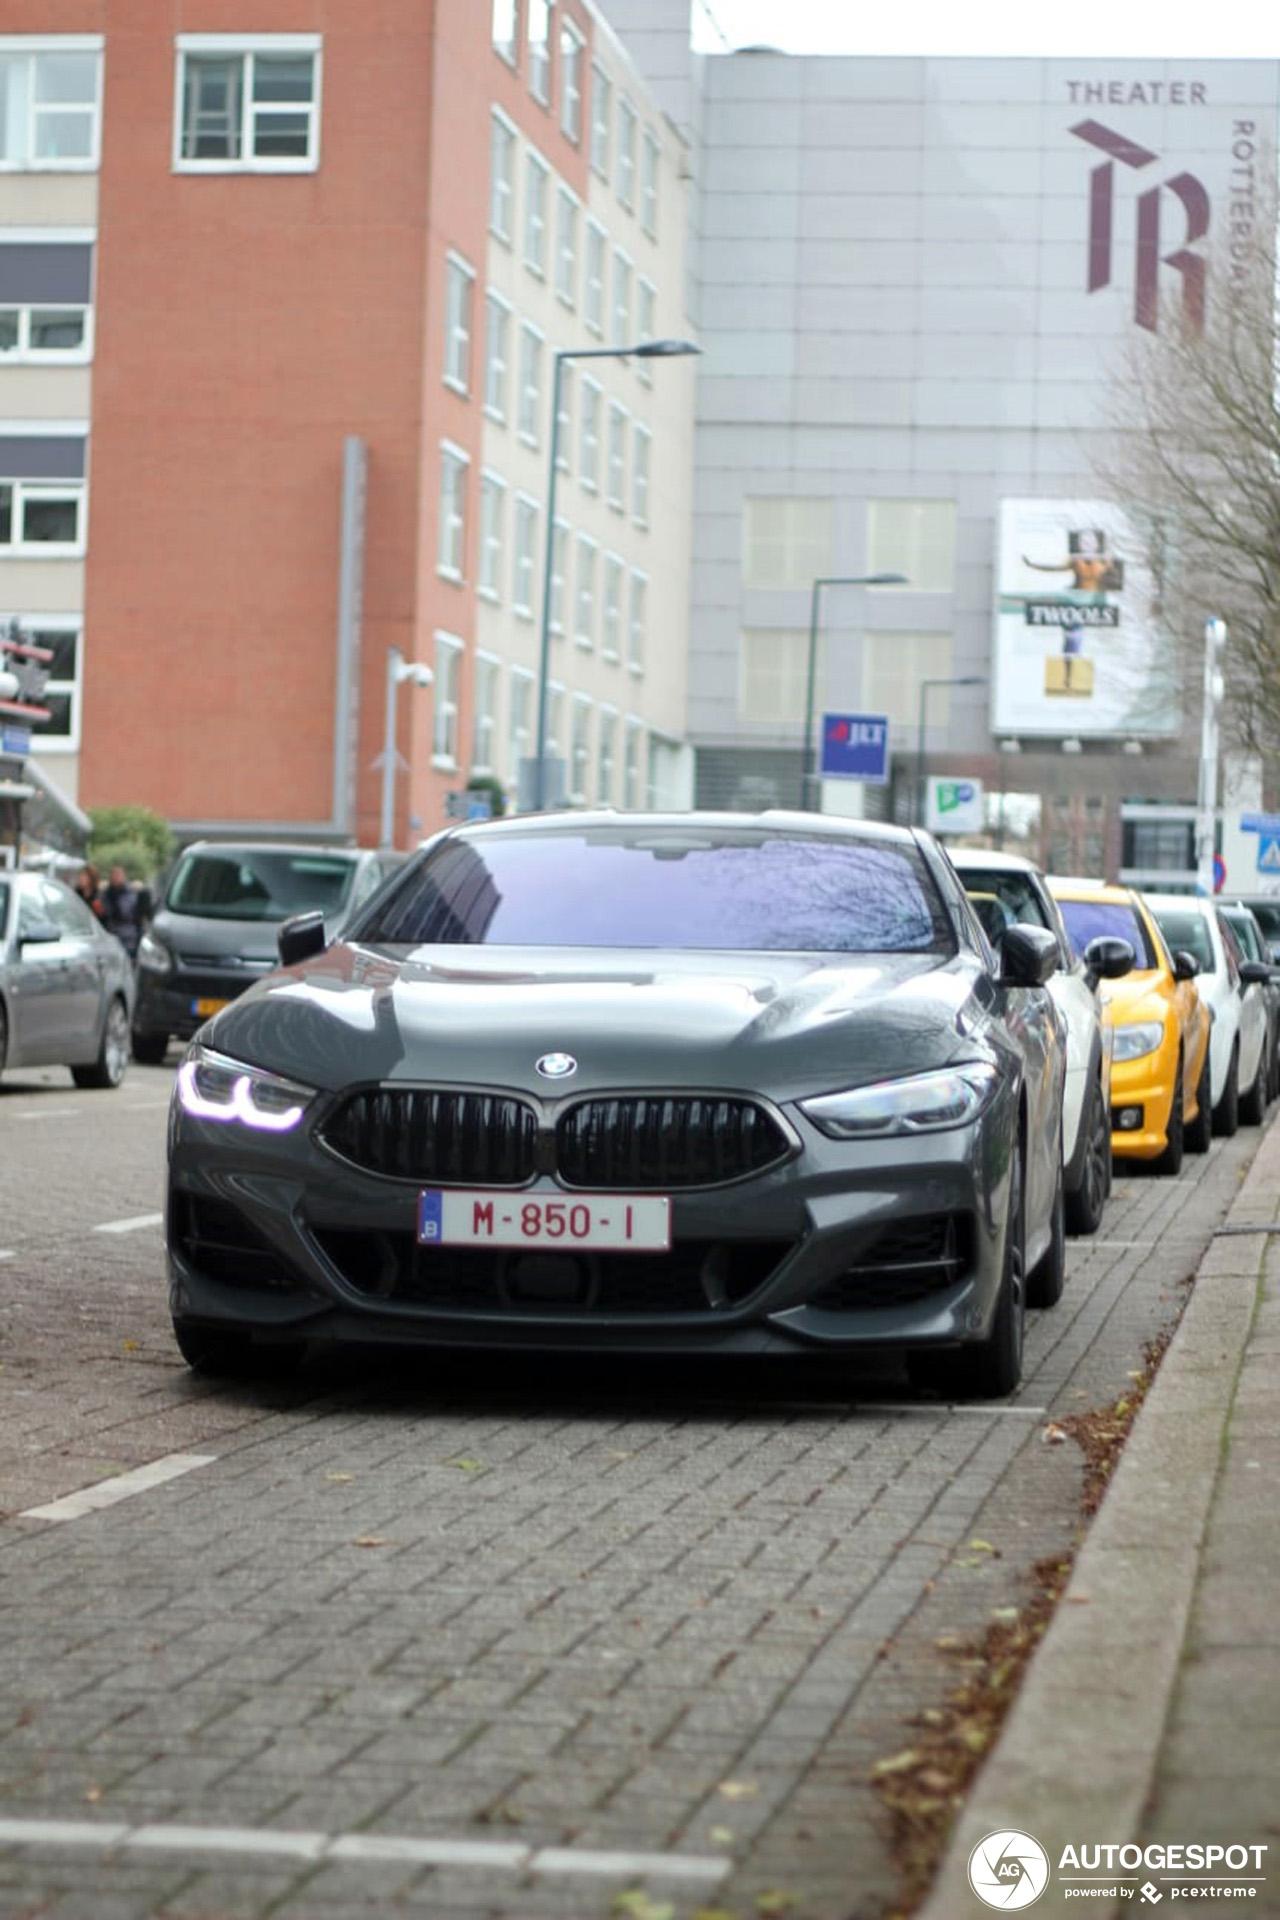 Welke BMW is dit?